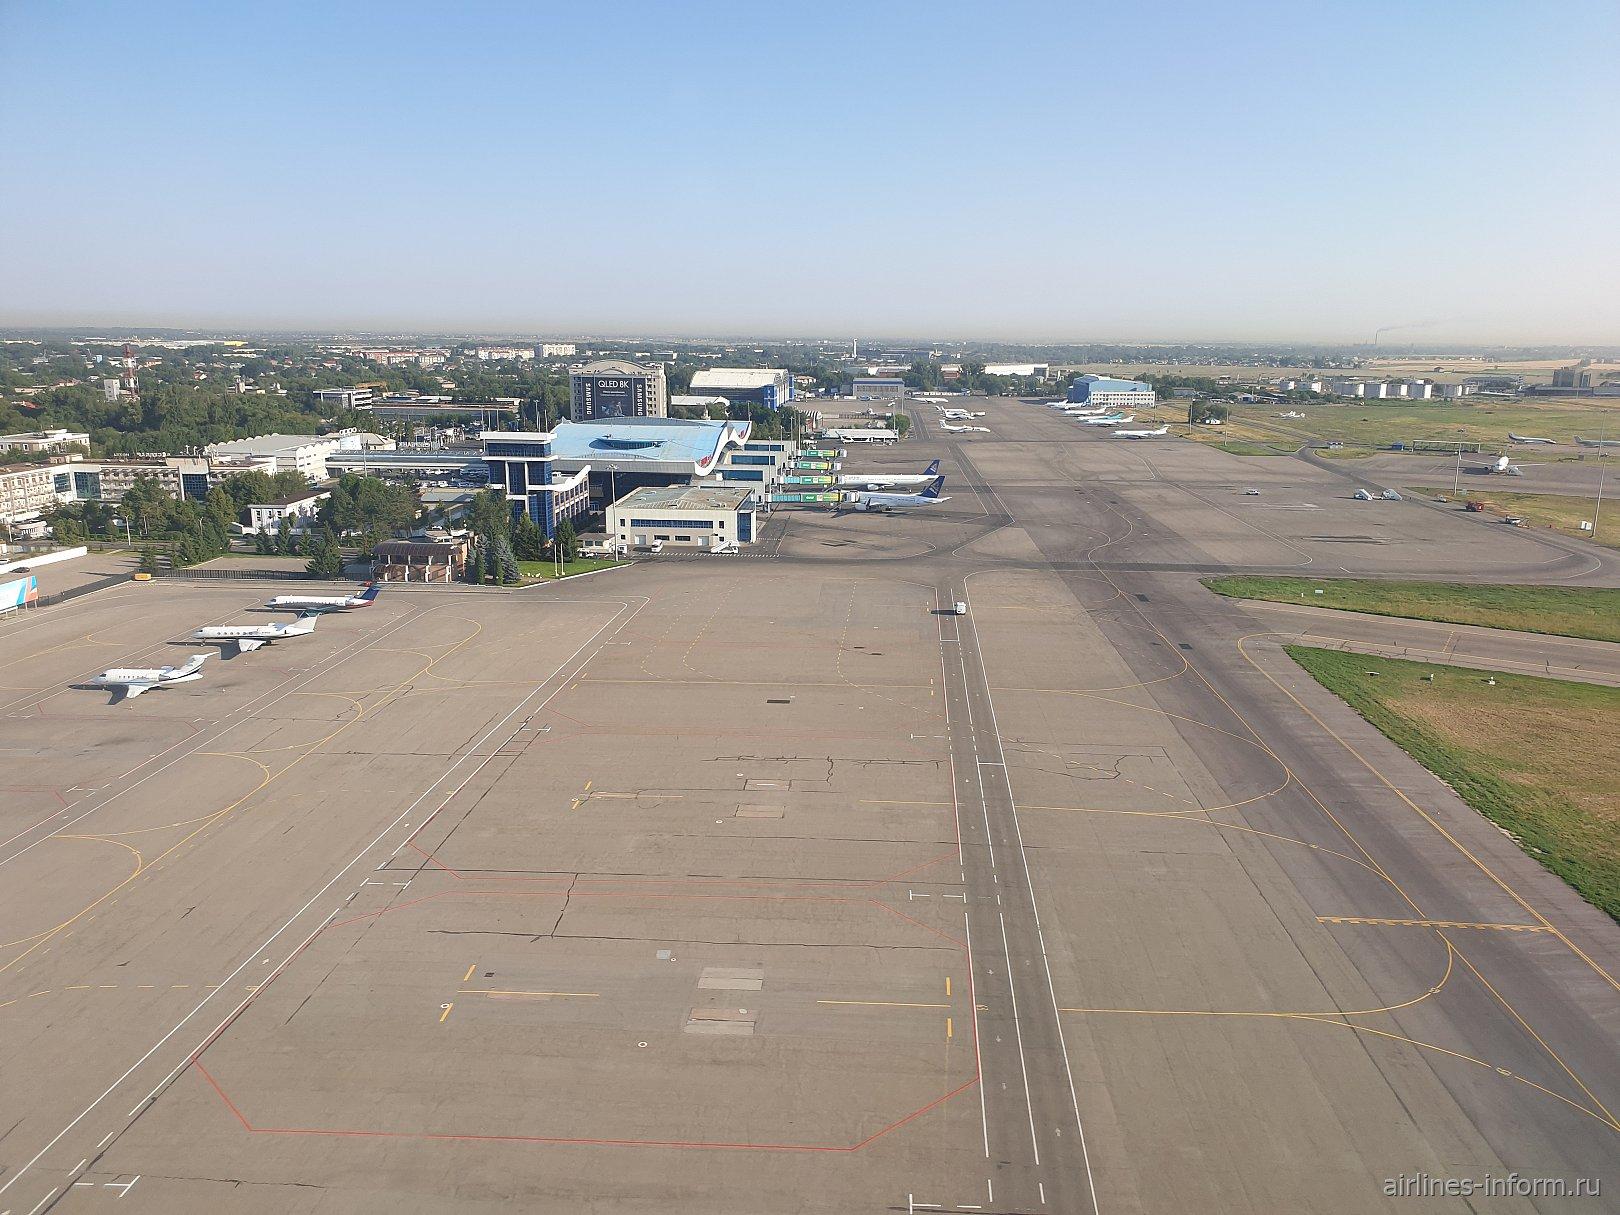 Вид на аэропорт Алматы при подлете